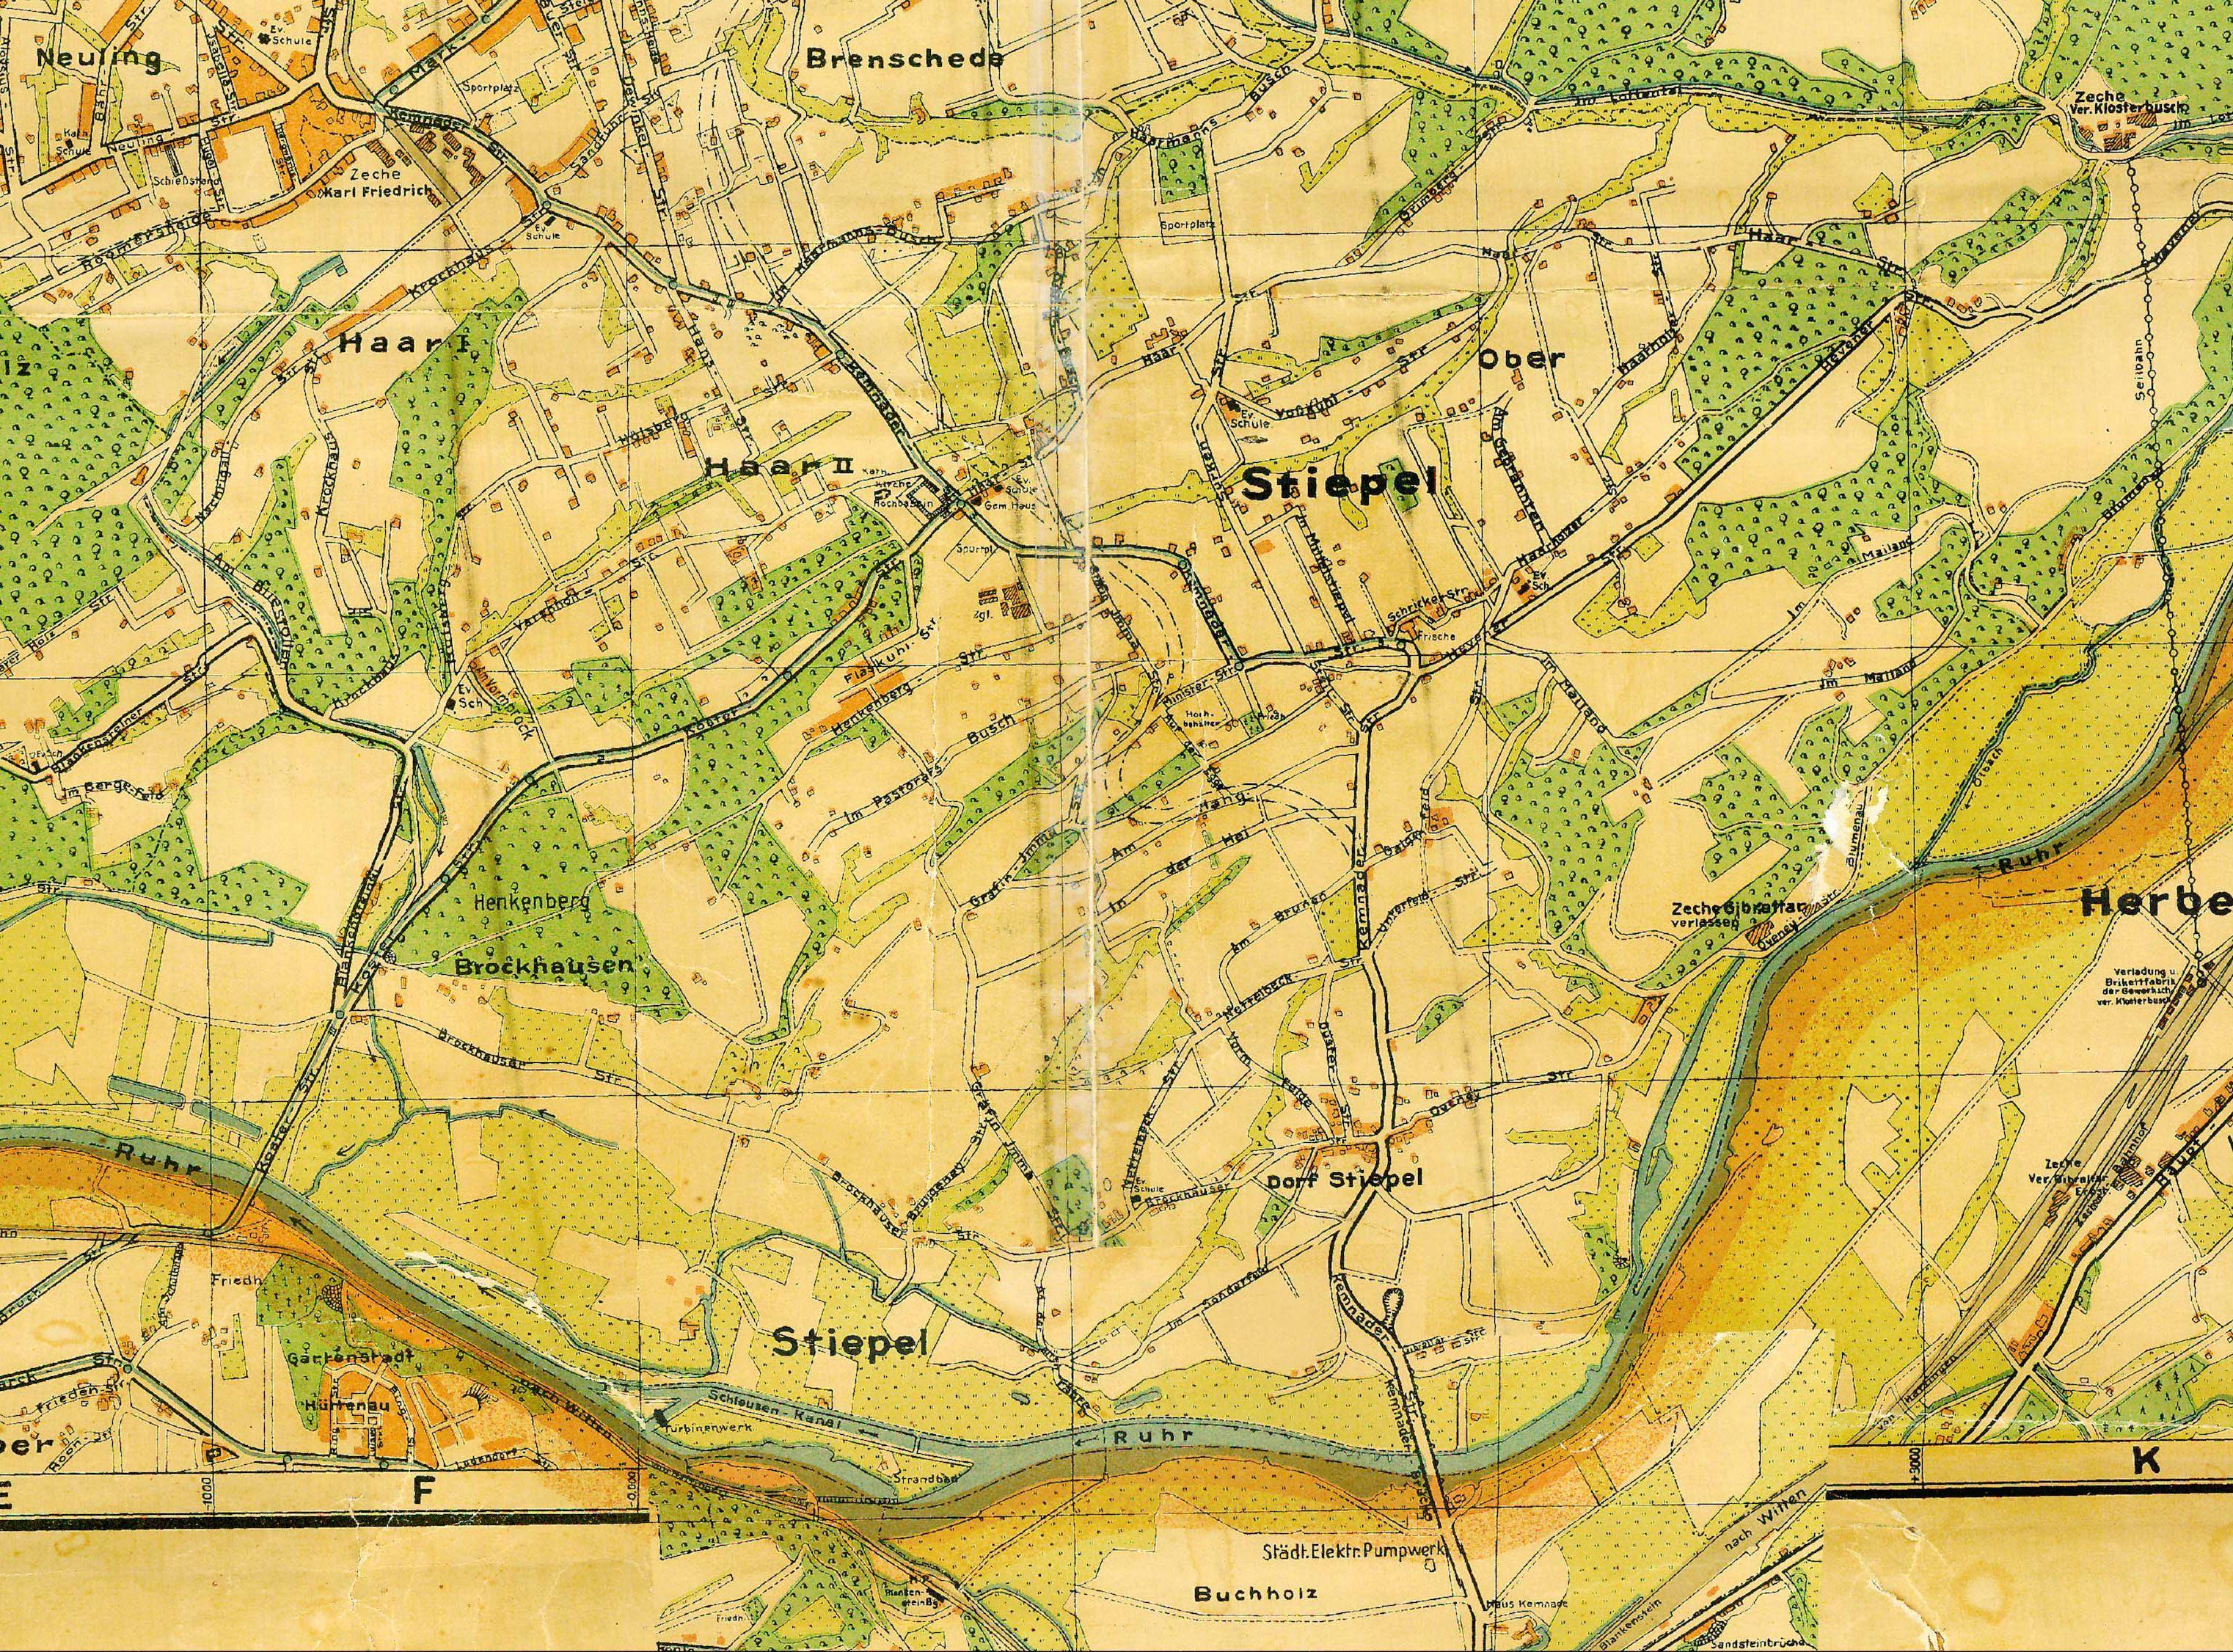 stadtplan-1929-stiepel